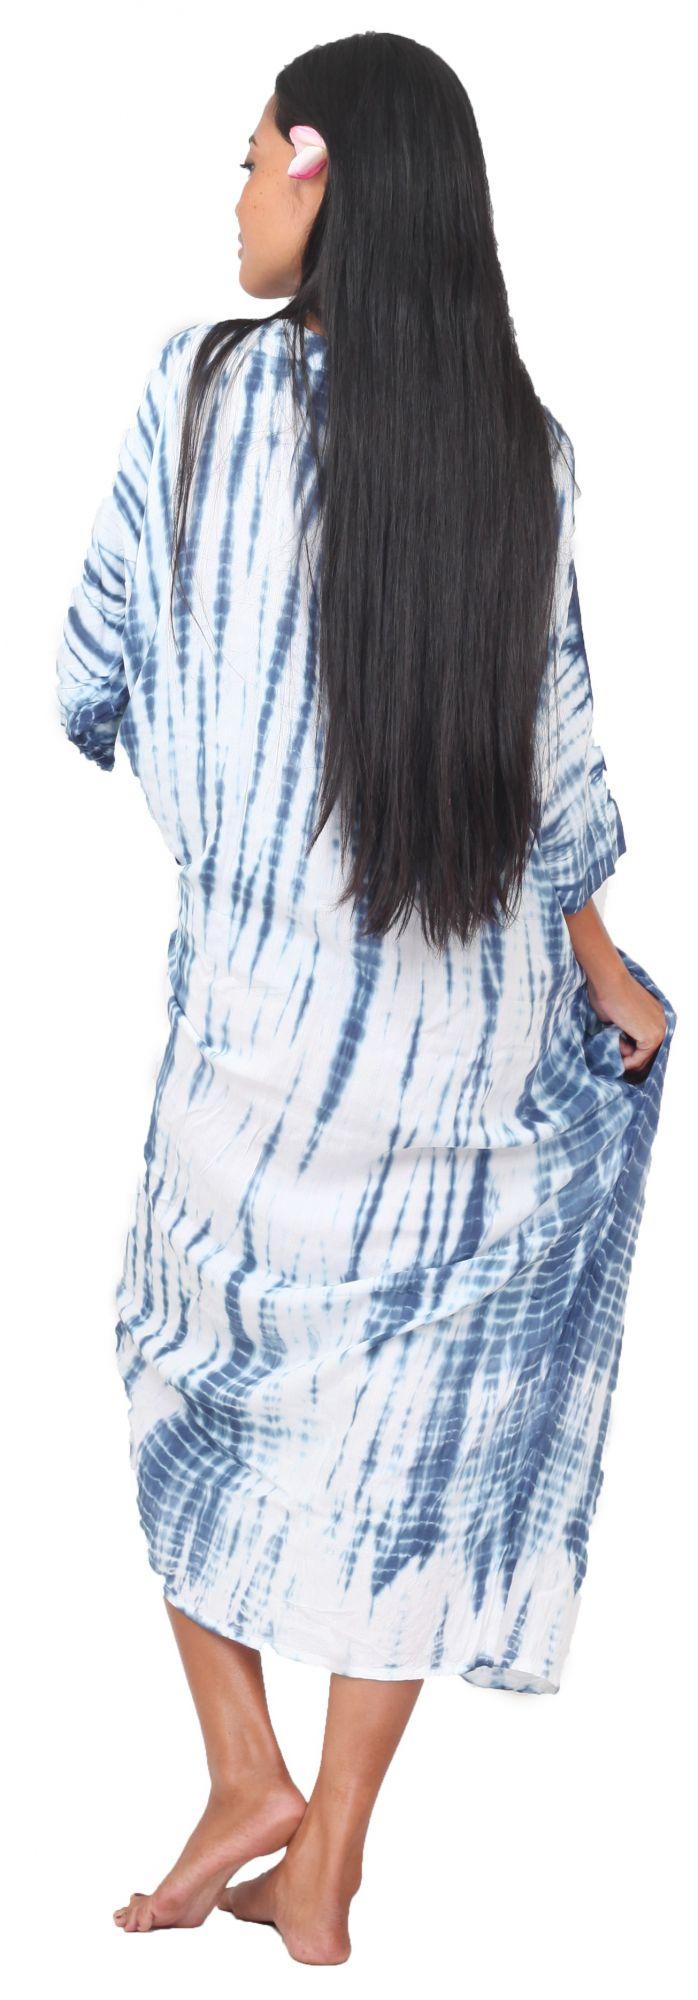 Robe de plage Tie dye bohème bleu